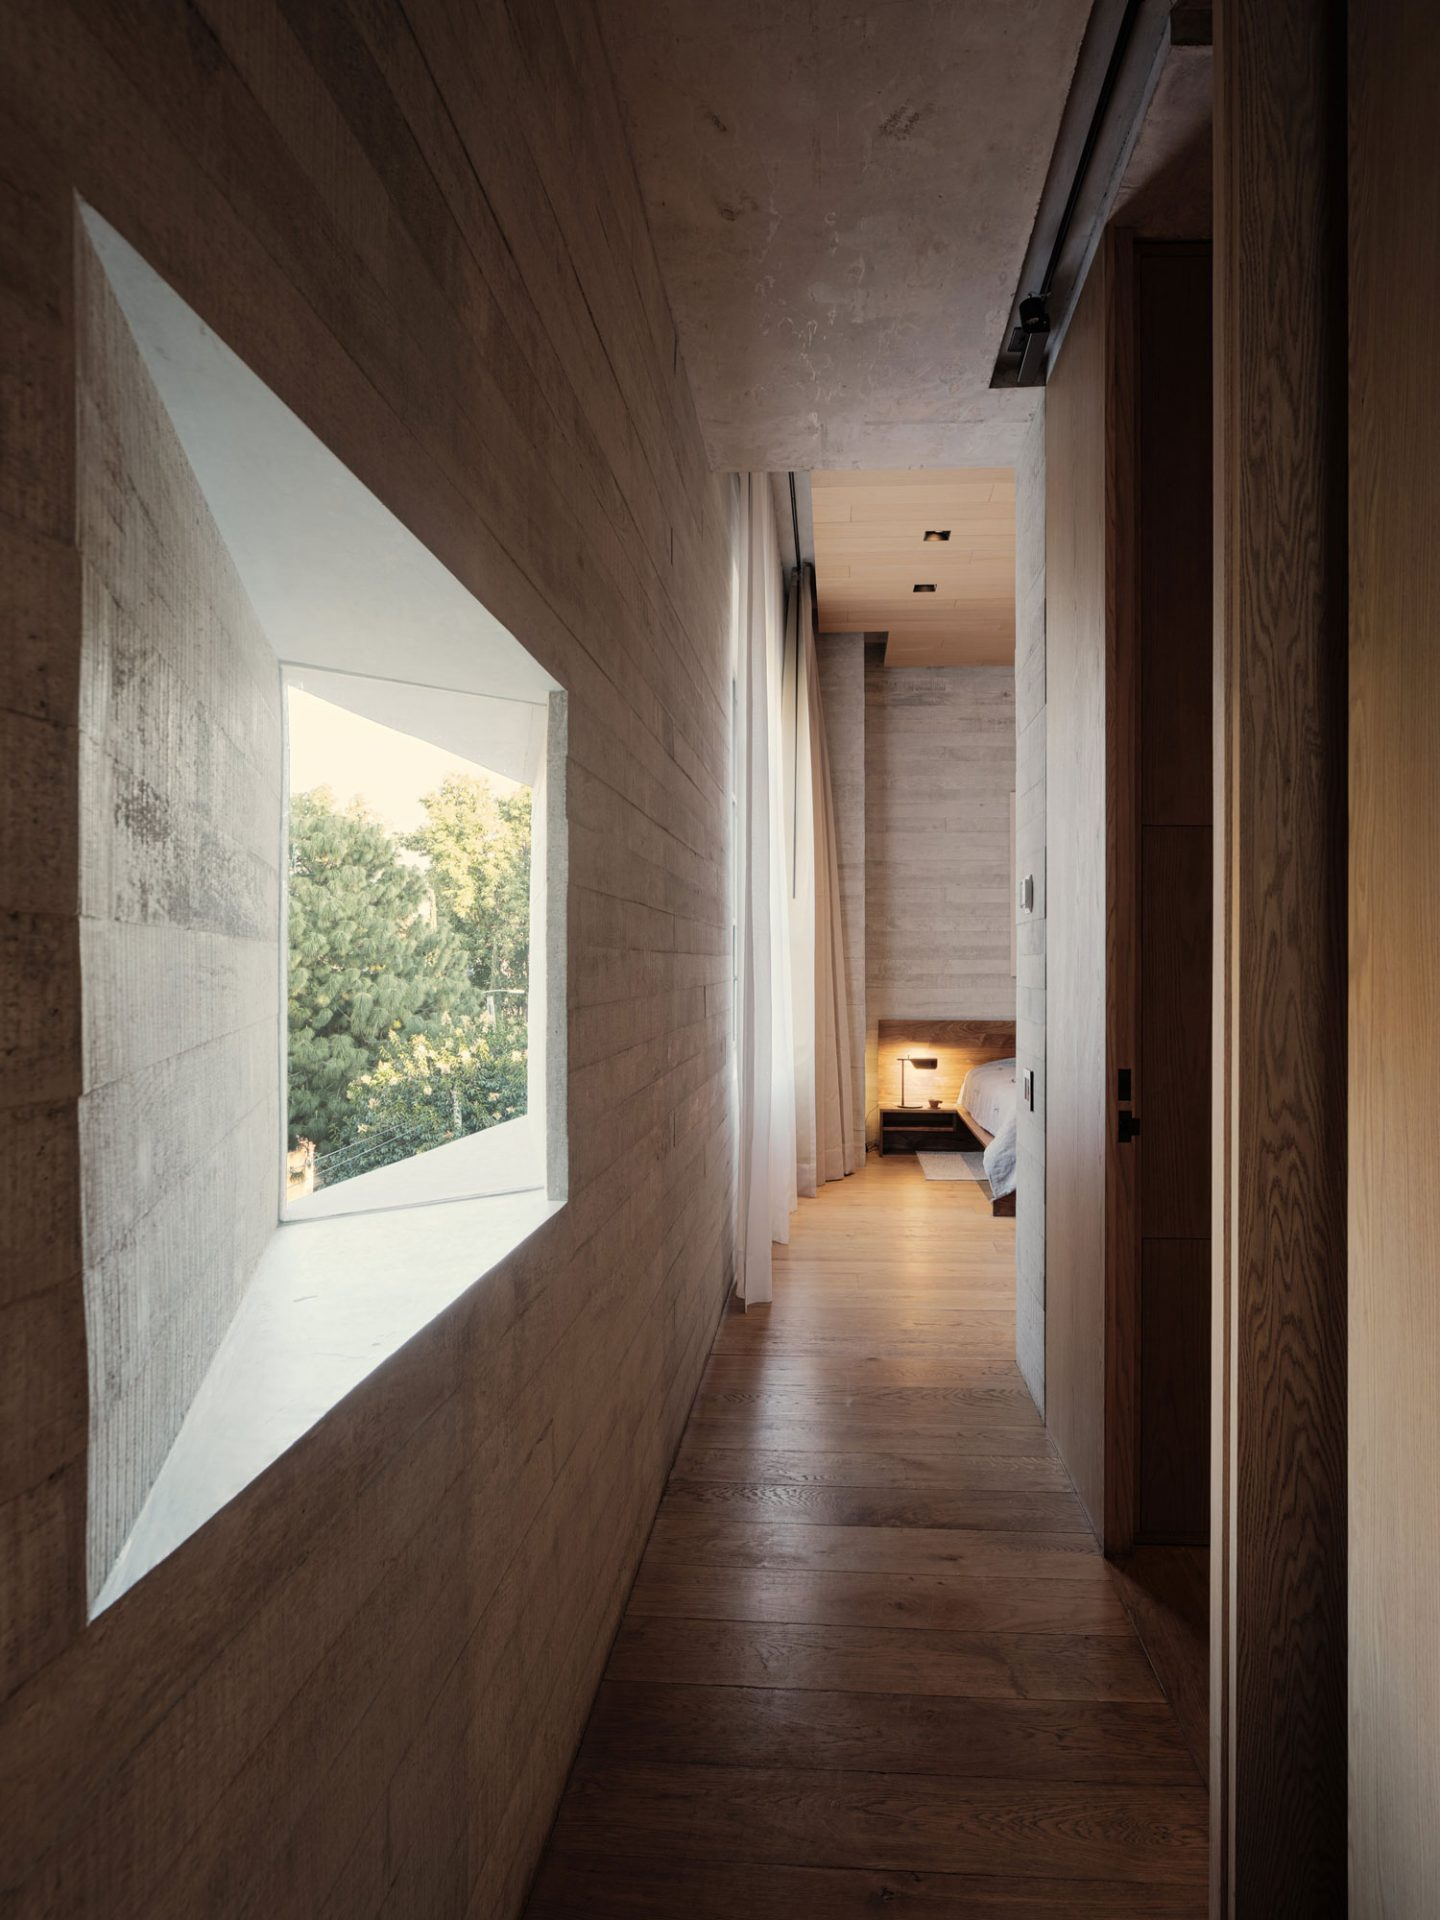 Tennyson-205-Apartment-designalive-11